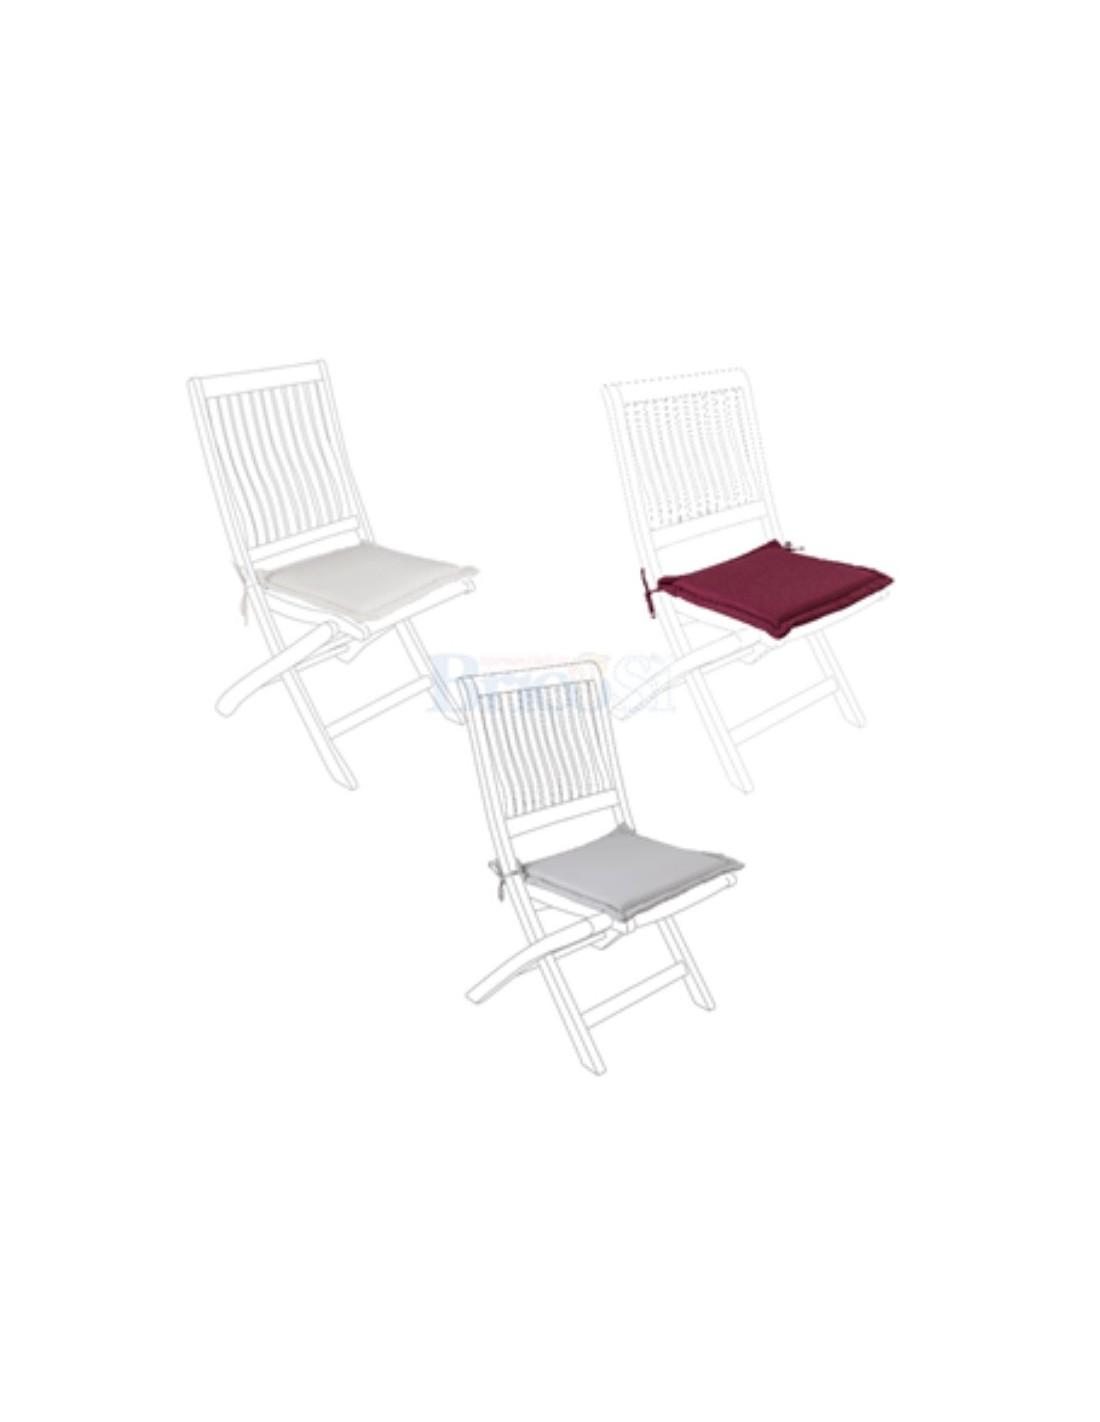 Colla Per Sedie In Legno.Cuscino Seduta Per Sedia Da Giardino In Legno Sfoderabile E